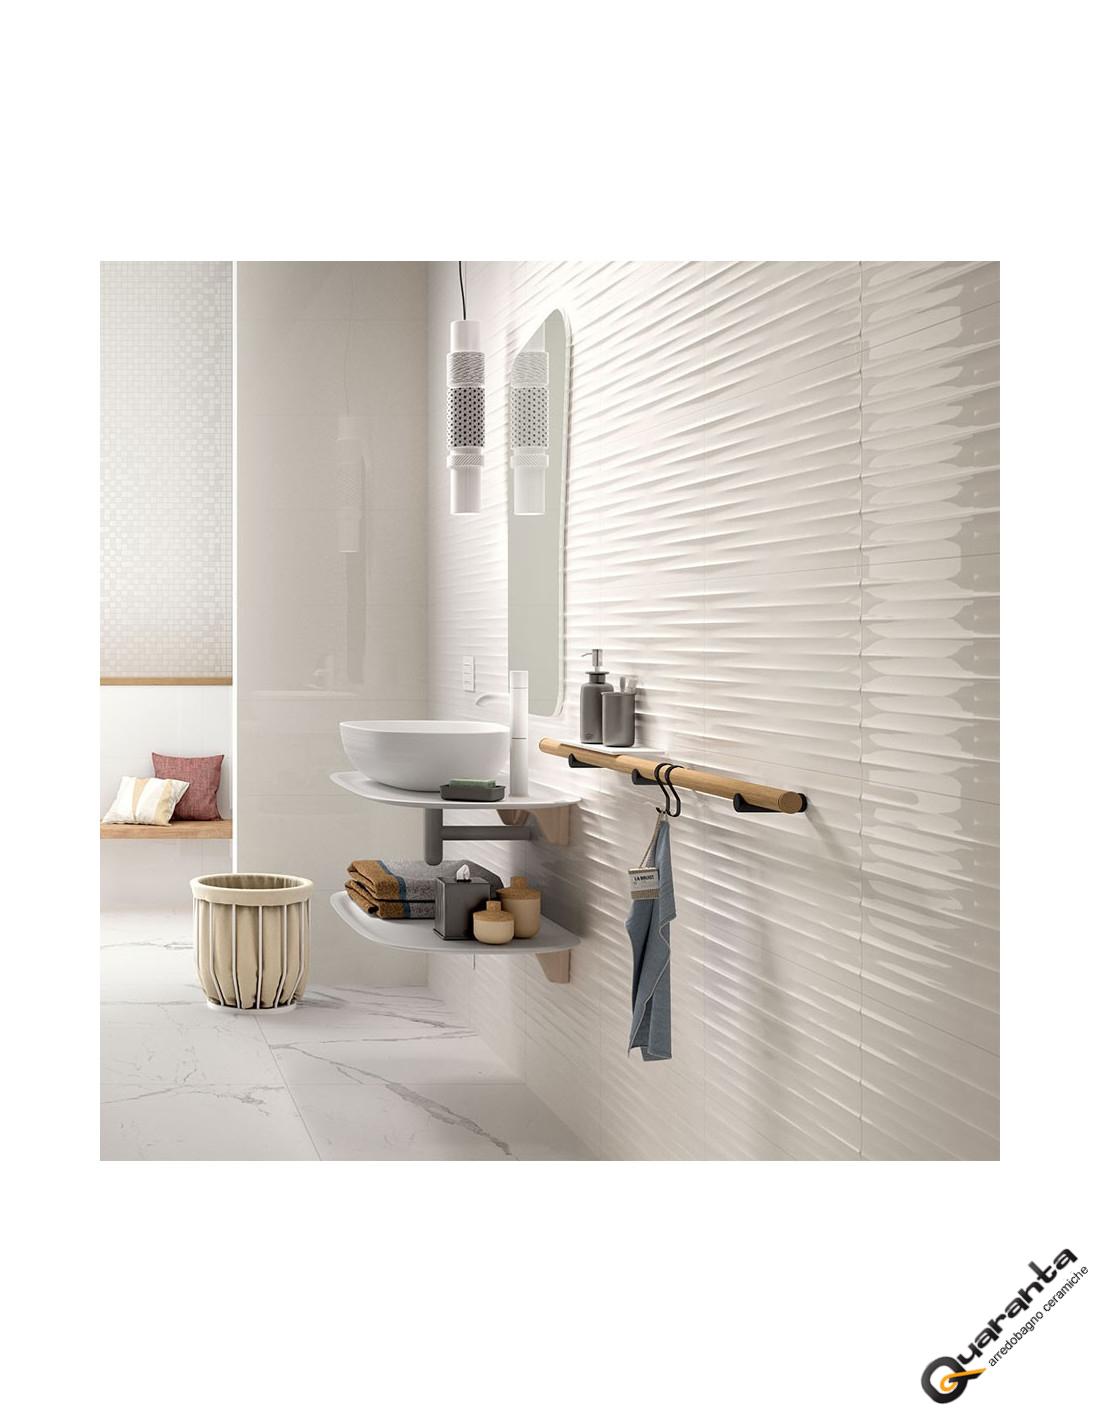 Rivestimento marazzi quaranta ceramiche color code bianco lucido - Rivestimenti bagno marazzi ...